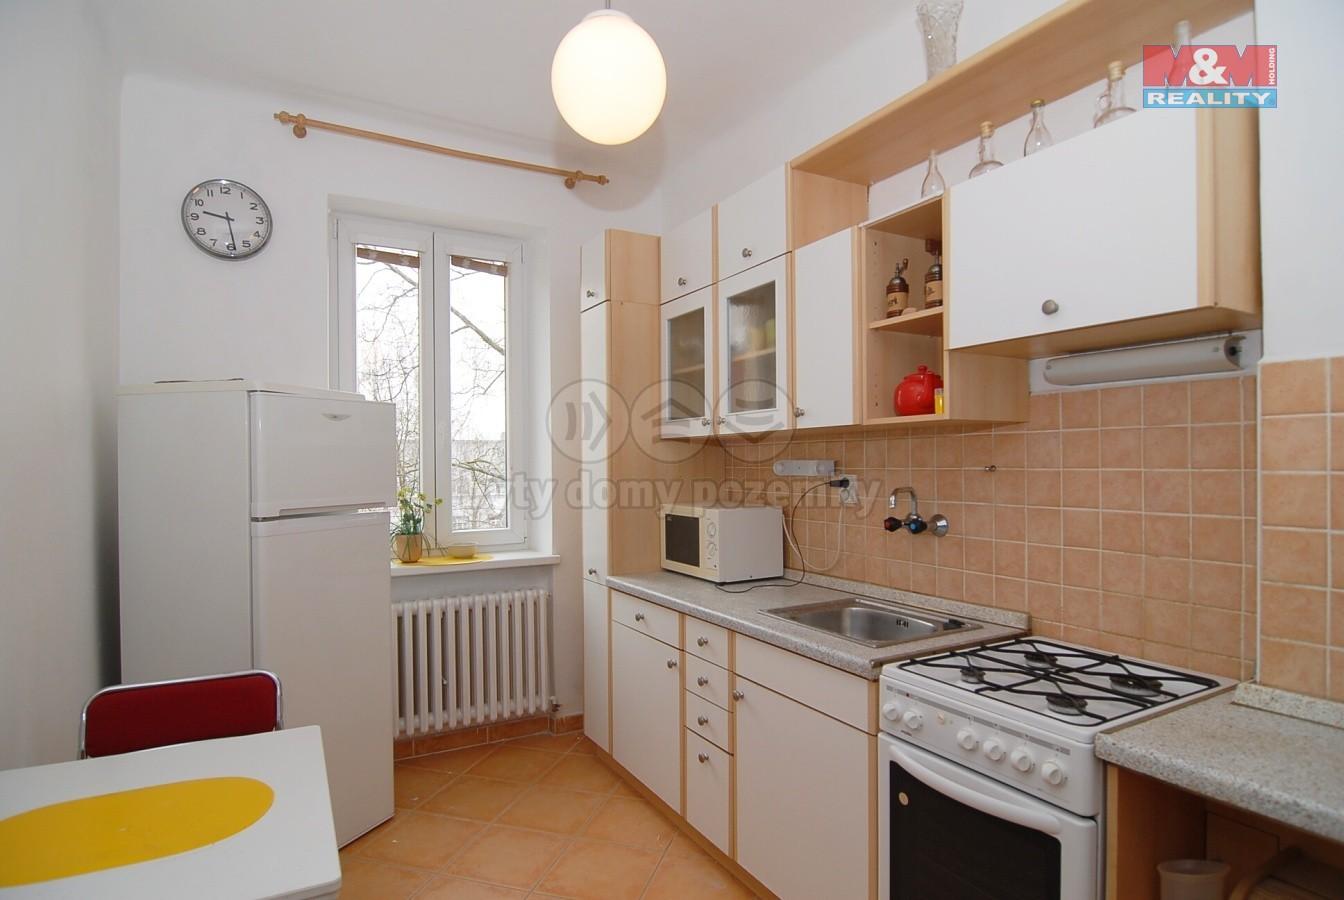 Pronájem bytu 1+1, 44 m², Ostrava centrum, ul. Repinova